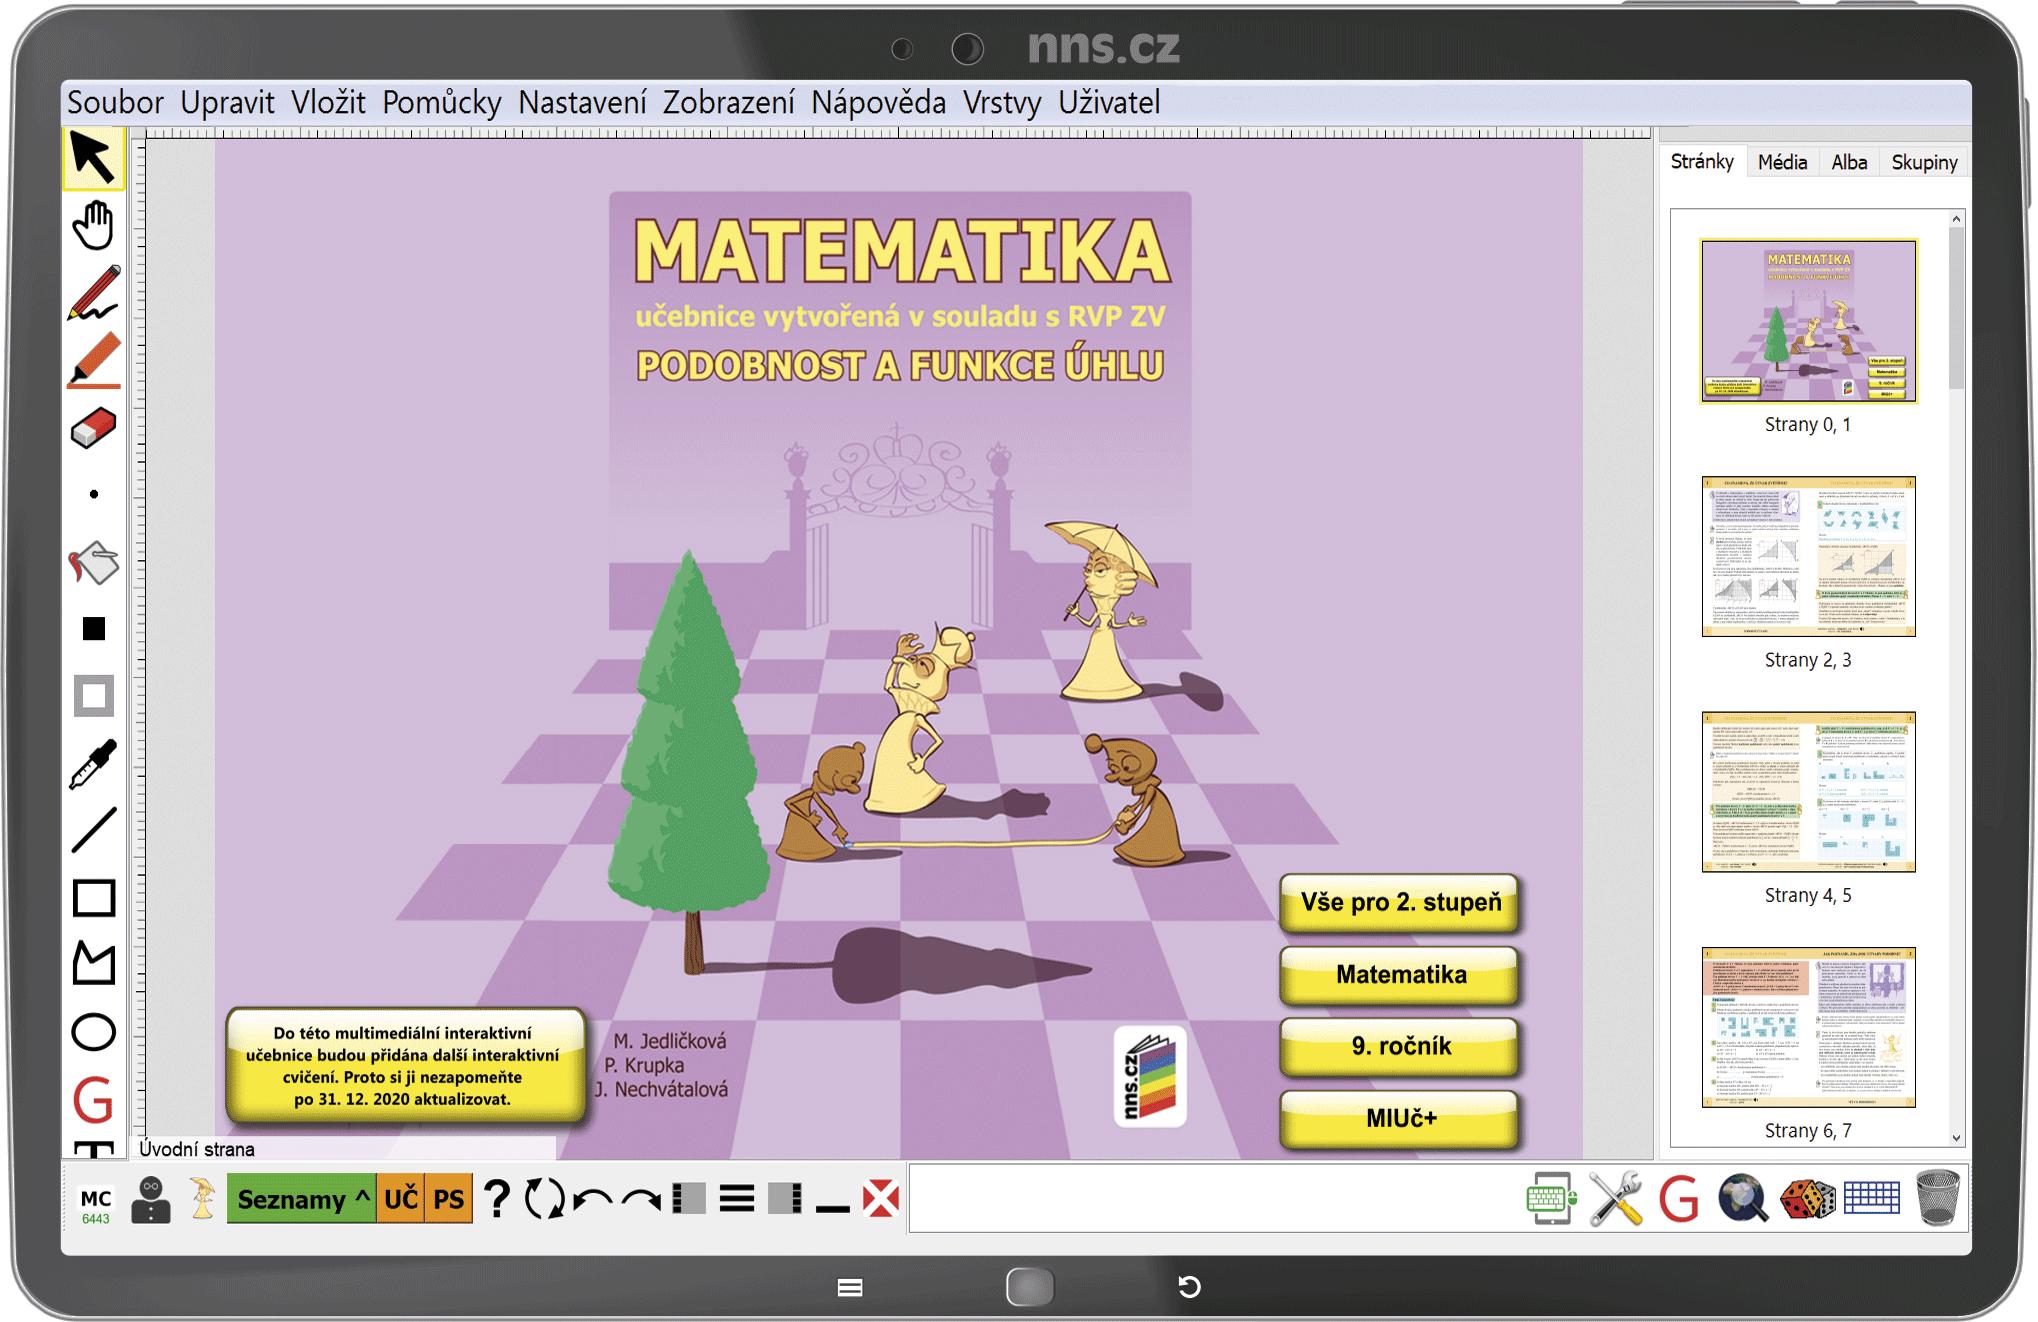 MIUč+ Matematika - Podobnost a funkce úhlu - žákovská licence na 1 školní rok